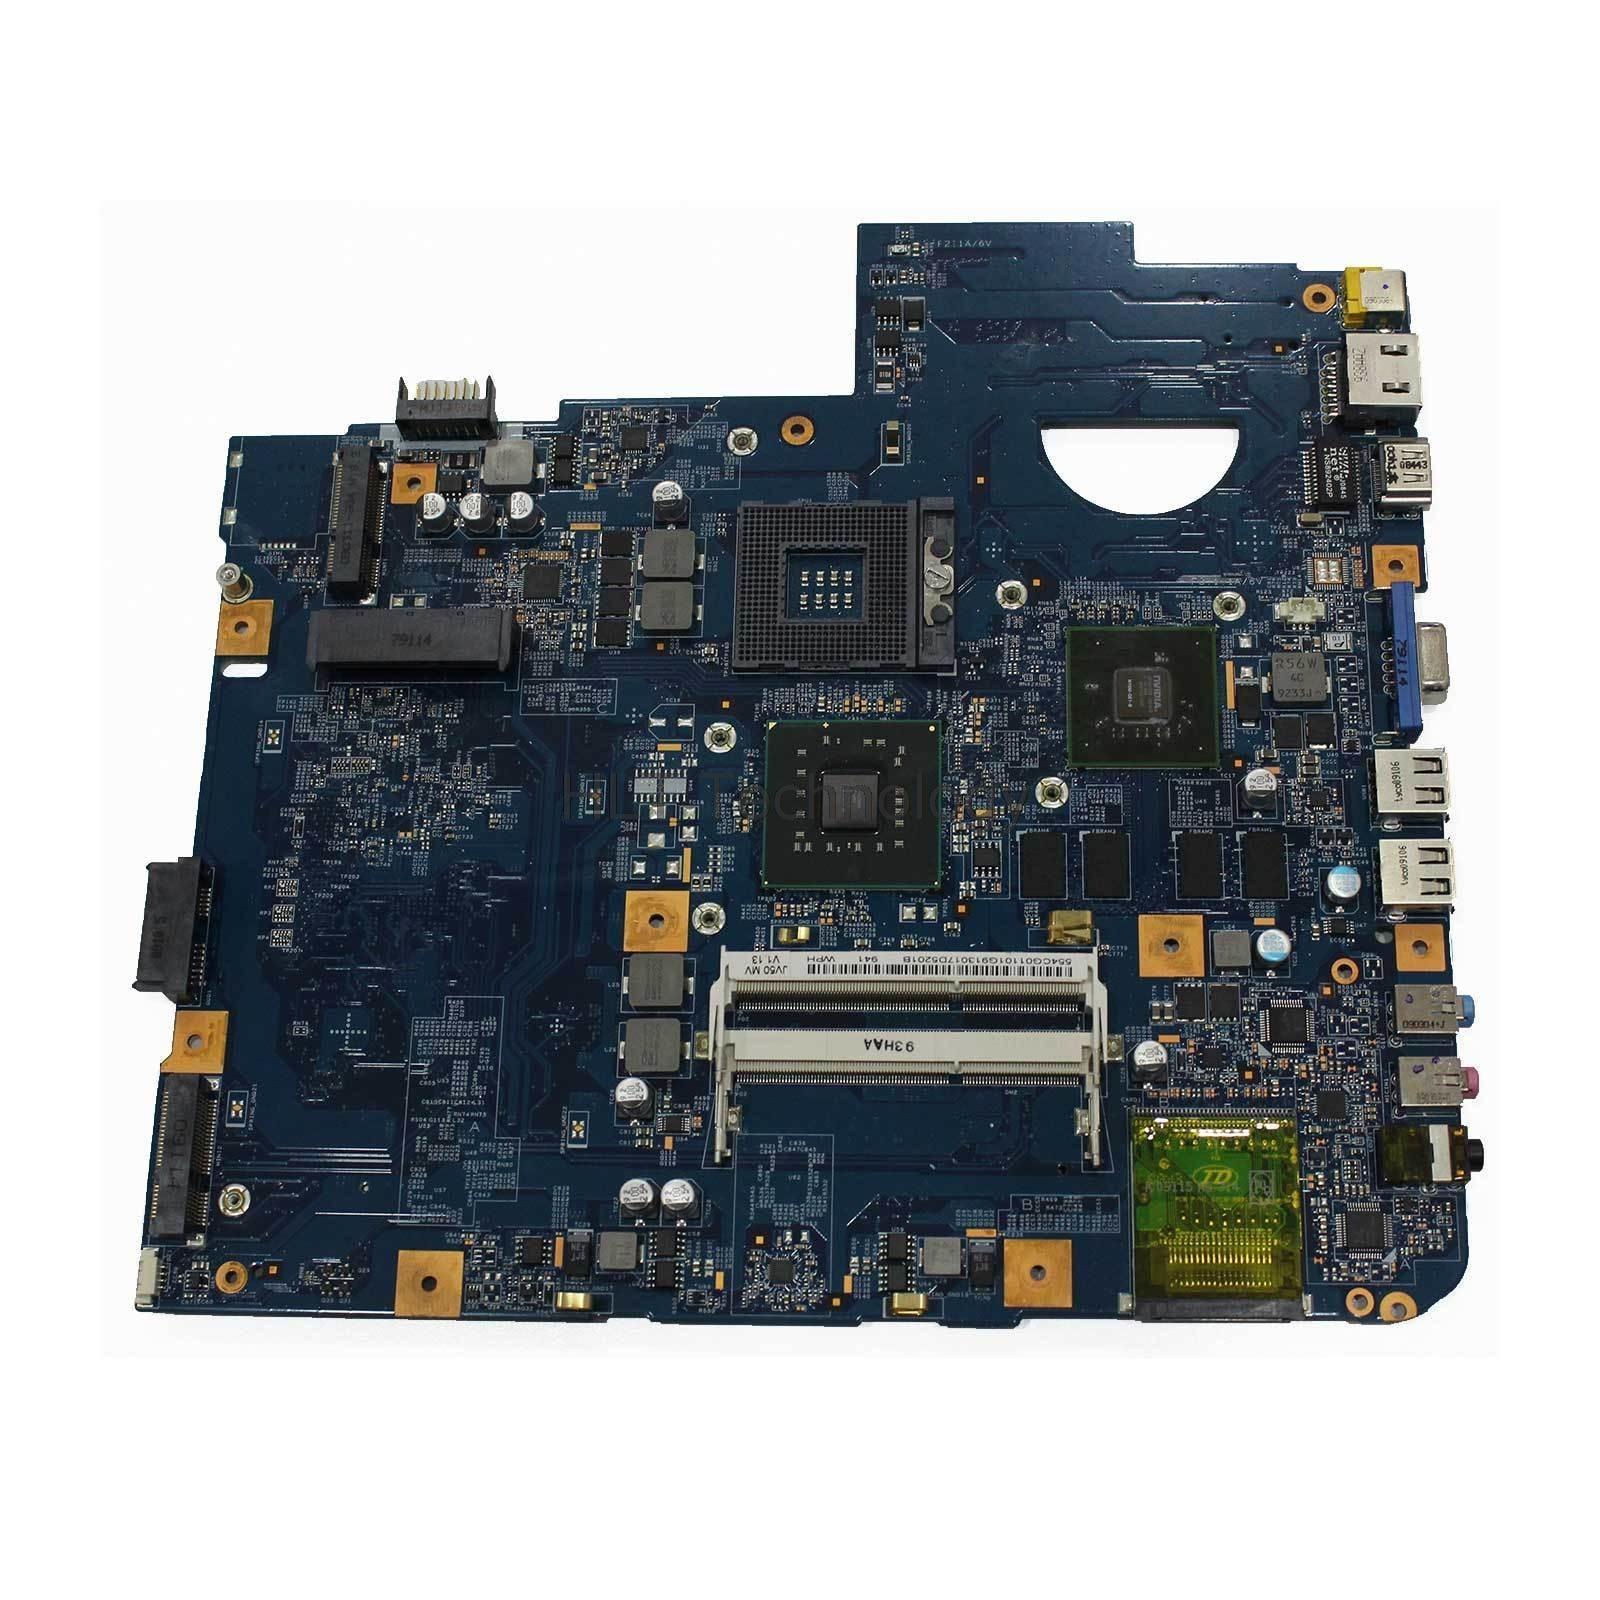 HOLYTIME carte mère d'ordinateur portable pour ACER ASPIRE 5738 5338 JV50-MV 08245-1 48.4CG01.011 MBP5601007 MB. P5601.007 DDR3 PM45 testé ok